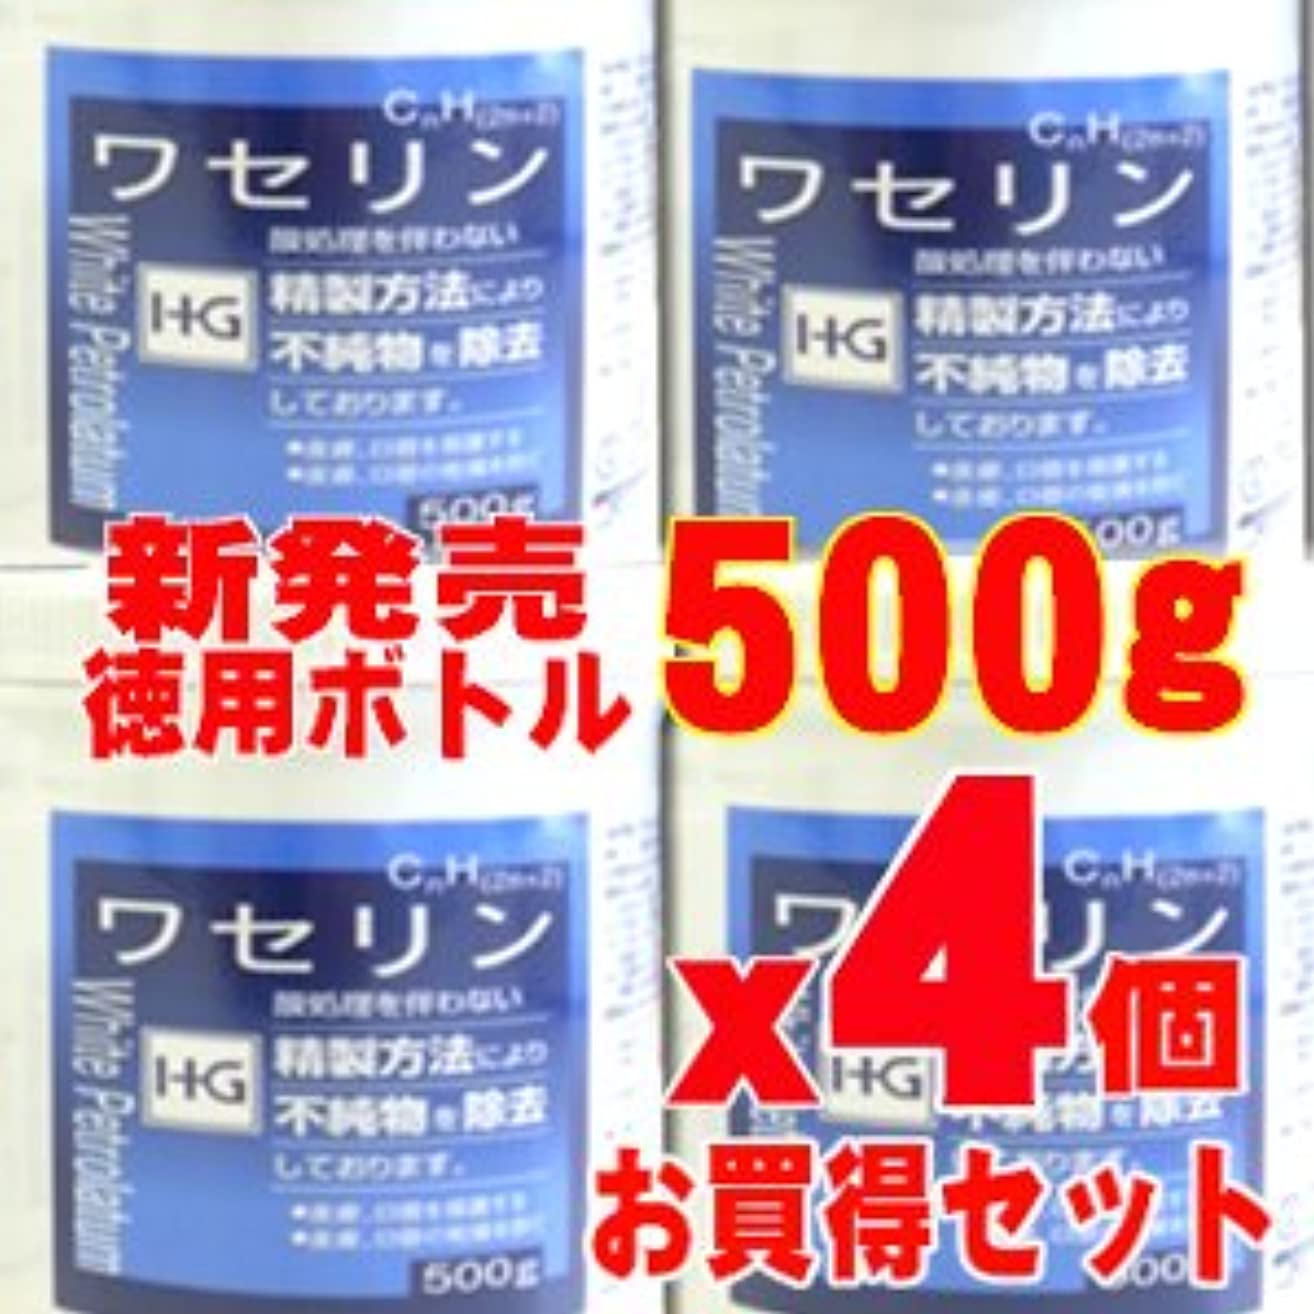 共和党答え定数【敏感肌の方に最適!】皮膚保護 ワセリンHG 徳用500gx4個セット